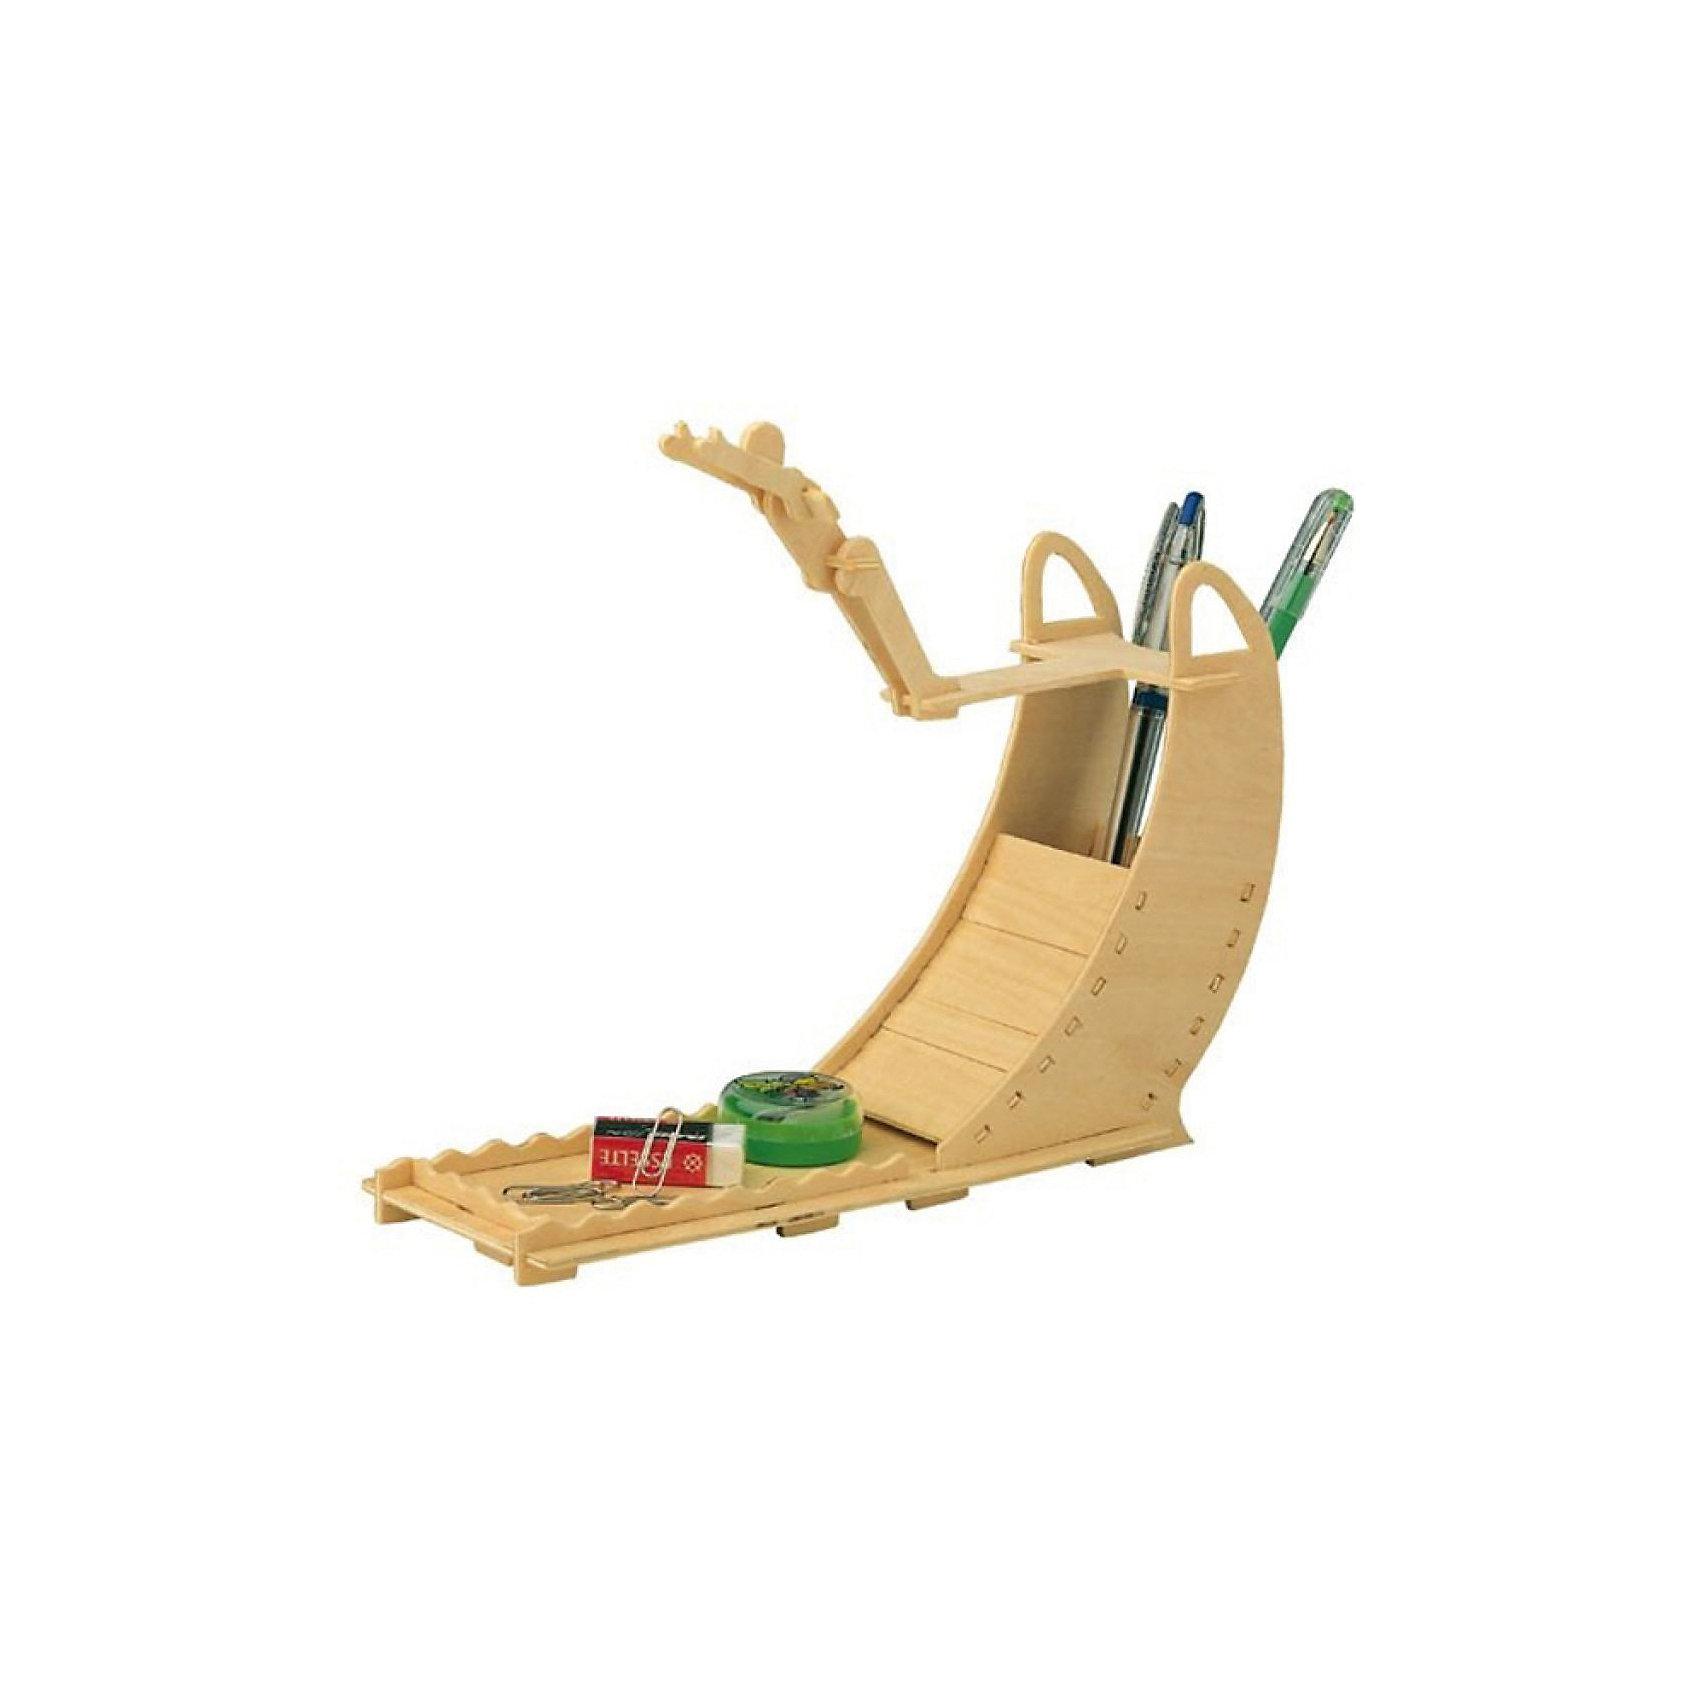 Ныряльщик, Мир деревянных игрушекДеревянные модели<br>Порадовать творческого ребенка или любителя спорта - легко! Закажите для него этот набор, из которого можно самому сделать красивую деревянную фигуру! Для этого нужно выдавить из пластины с деталями элементы для сборки и соединить их. Из наборов получаются красивые очень реалистичные игрушки, которые могут стать украшением комнаты, одновременно это - подставка под канцелярские принадлежности.<br>Собирая их, ребенок будет развивать пространственное мышление, память и мелкую моторику. А раскрашивая готовое произведение, дети научатся подбирать цвета и будут развивать художественные навыки. Этот набор произведен из качественных и безопасных для детей материалов - дерево тщательно обработано.<br><br>Дополнительная информация:<br><br>материал: дерево;<br>цвет: бежевый;<br>элементы: пластины с деталями для сборки, схема сборки, наждачная бумага;<br>размер упаковки: 23 х 18 см.<br><br>3D-пазл Ныряльщик от бренда Мир деревянных игрушек можно купить в нашем магазине.<br><br>Ширина мм: 225<br>Глубина мм: 30<br>Высота мм: 180<br>Вес г: 450<br>Возраст от месяцев: 36<br>Возраст до месяцев: 144<br>Пол: Мужской<br>Возраст: Детский<br>SKU: 4969242